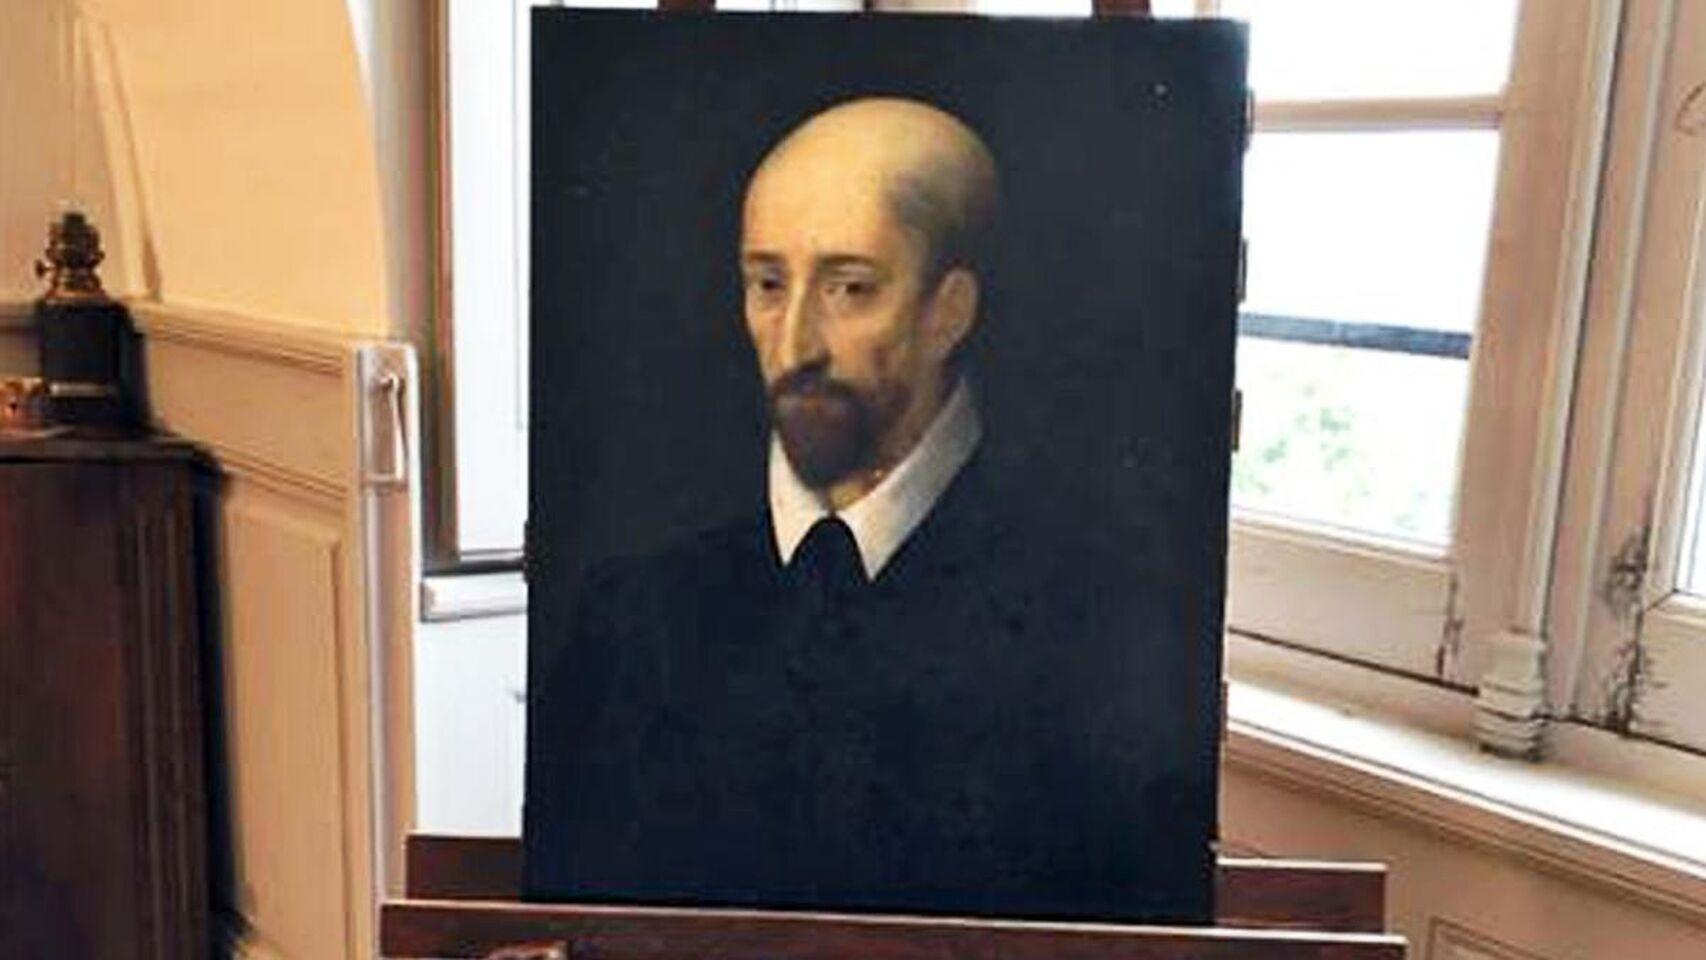 El misterioso retrato escondido en un castillo de Francia; ¿Pintó Da Vinci este cuadro de Maquiavelo?